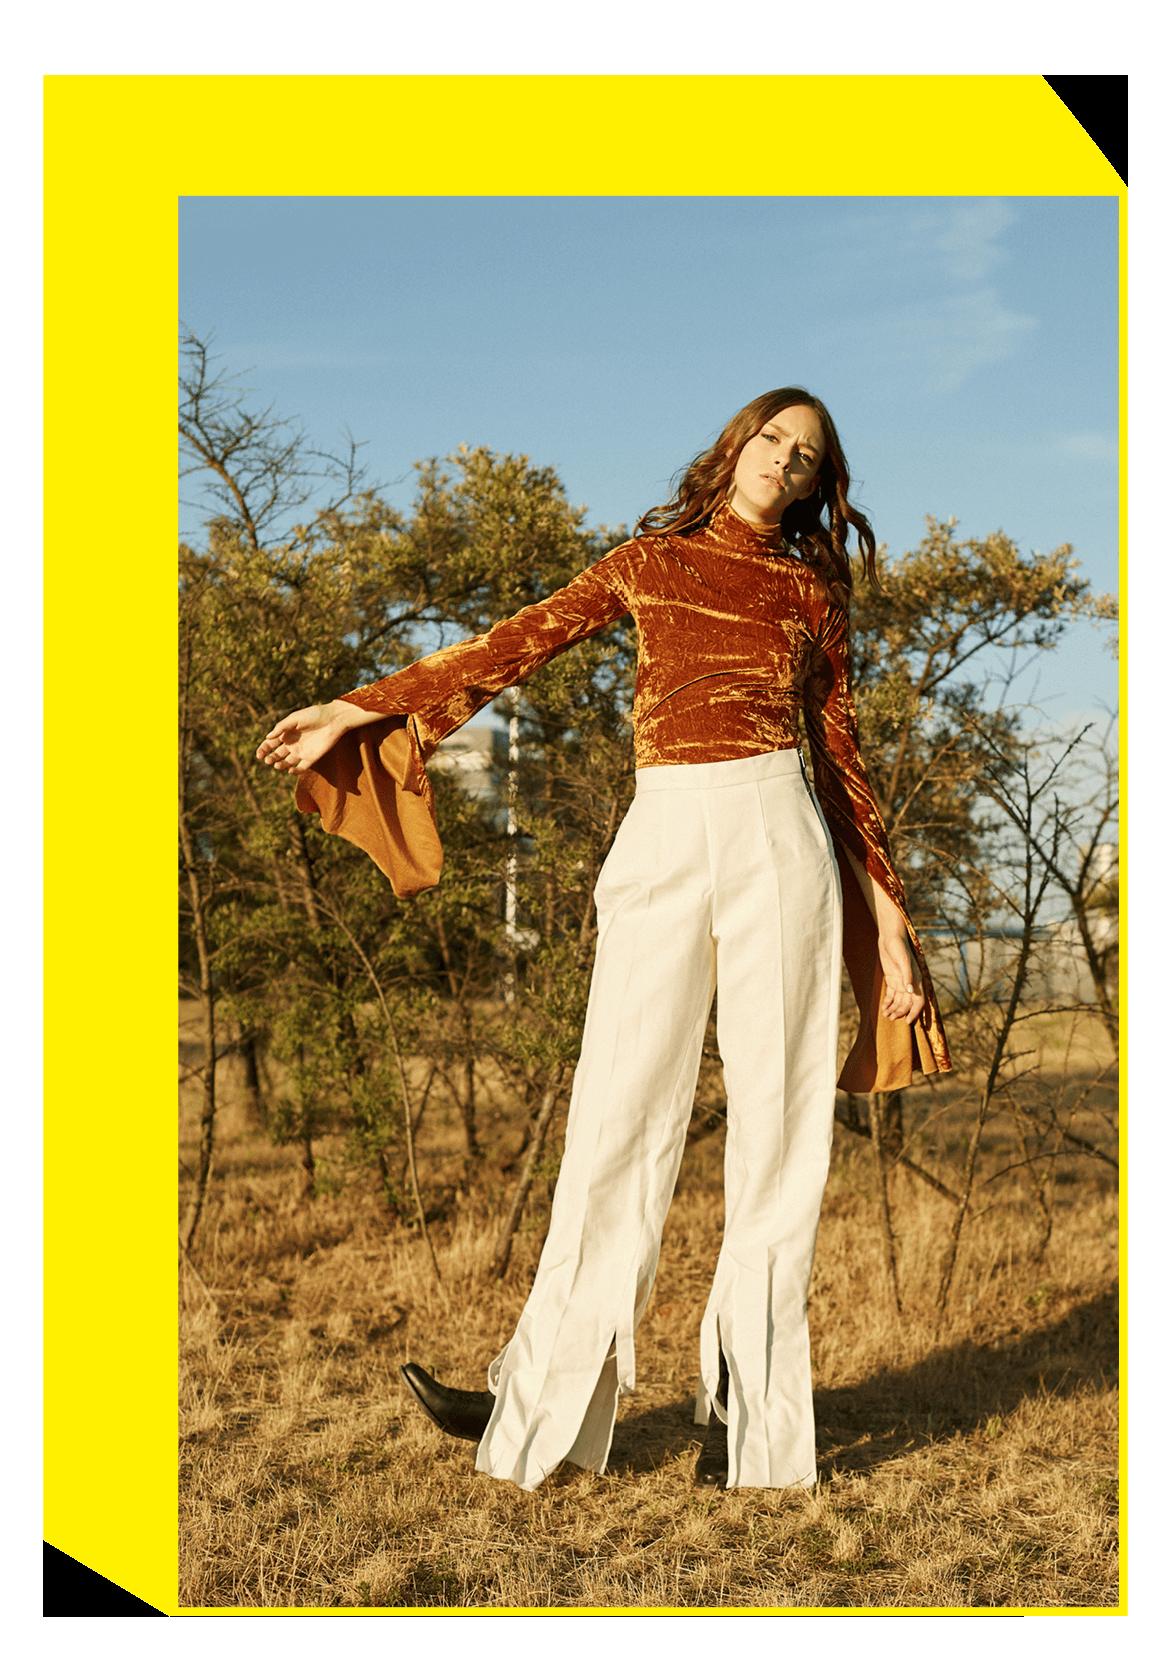 blouse D.EFECT; trousers URTE KATILIUTE; shoes VINTAGE